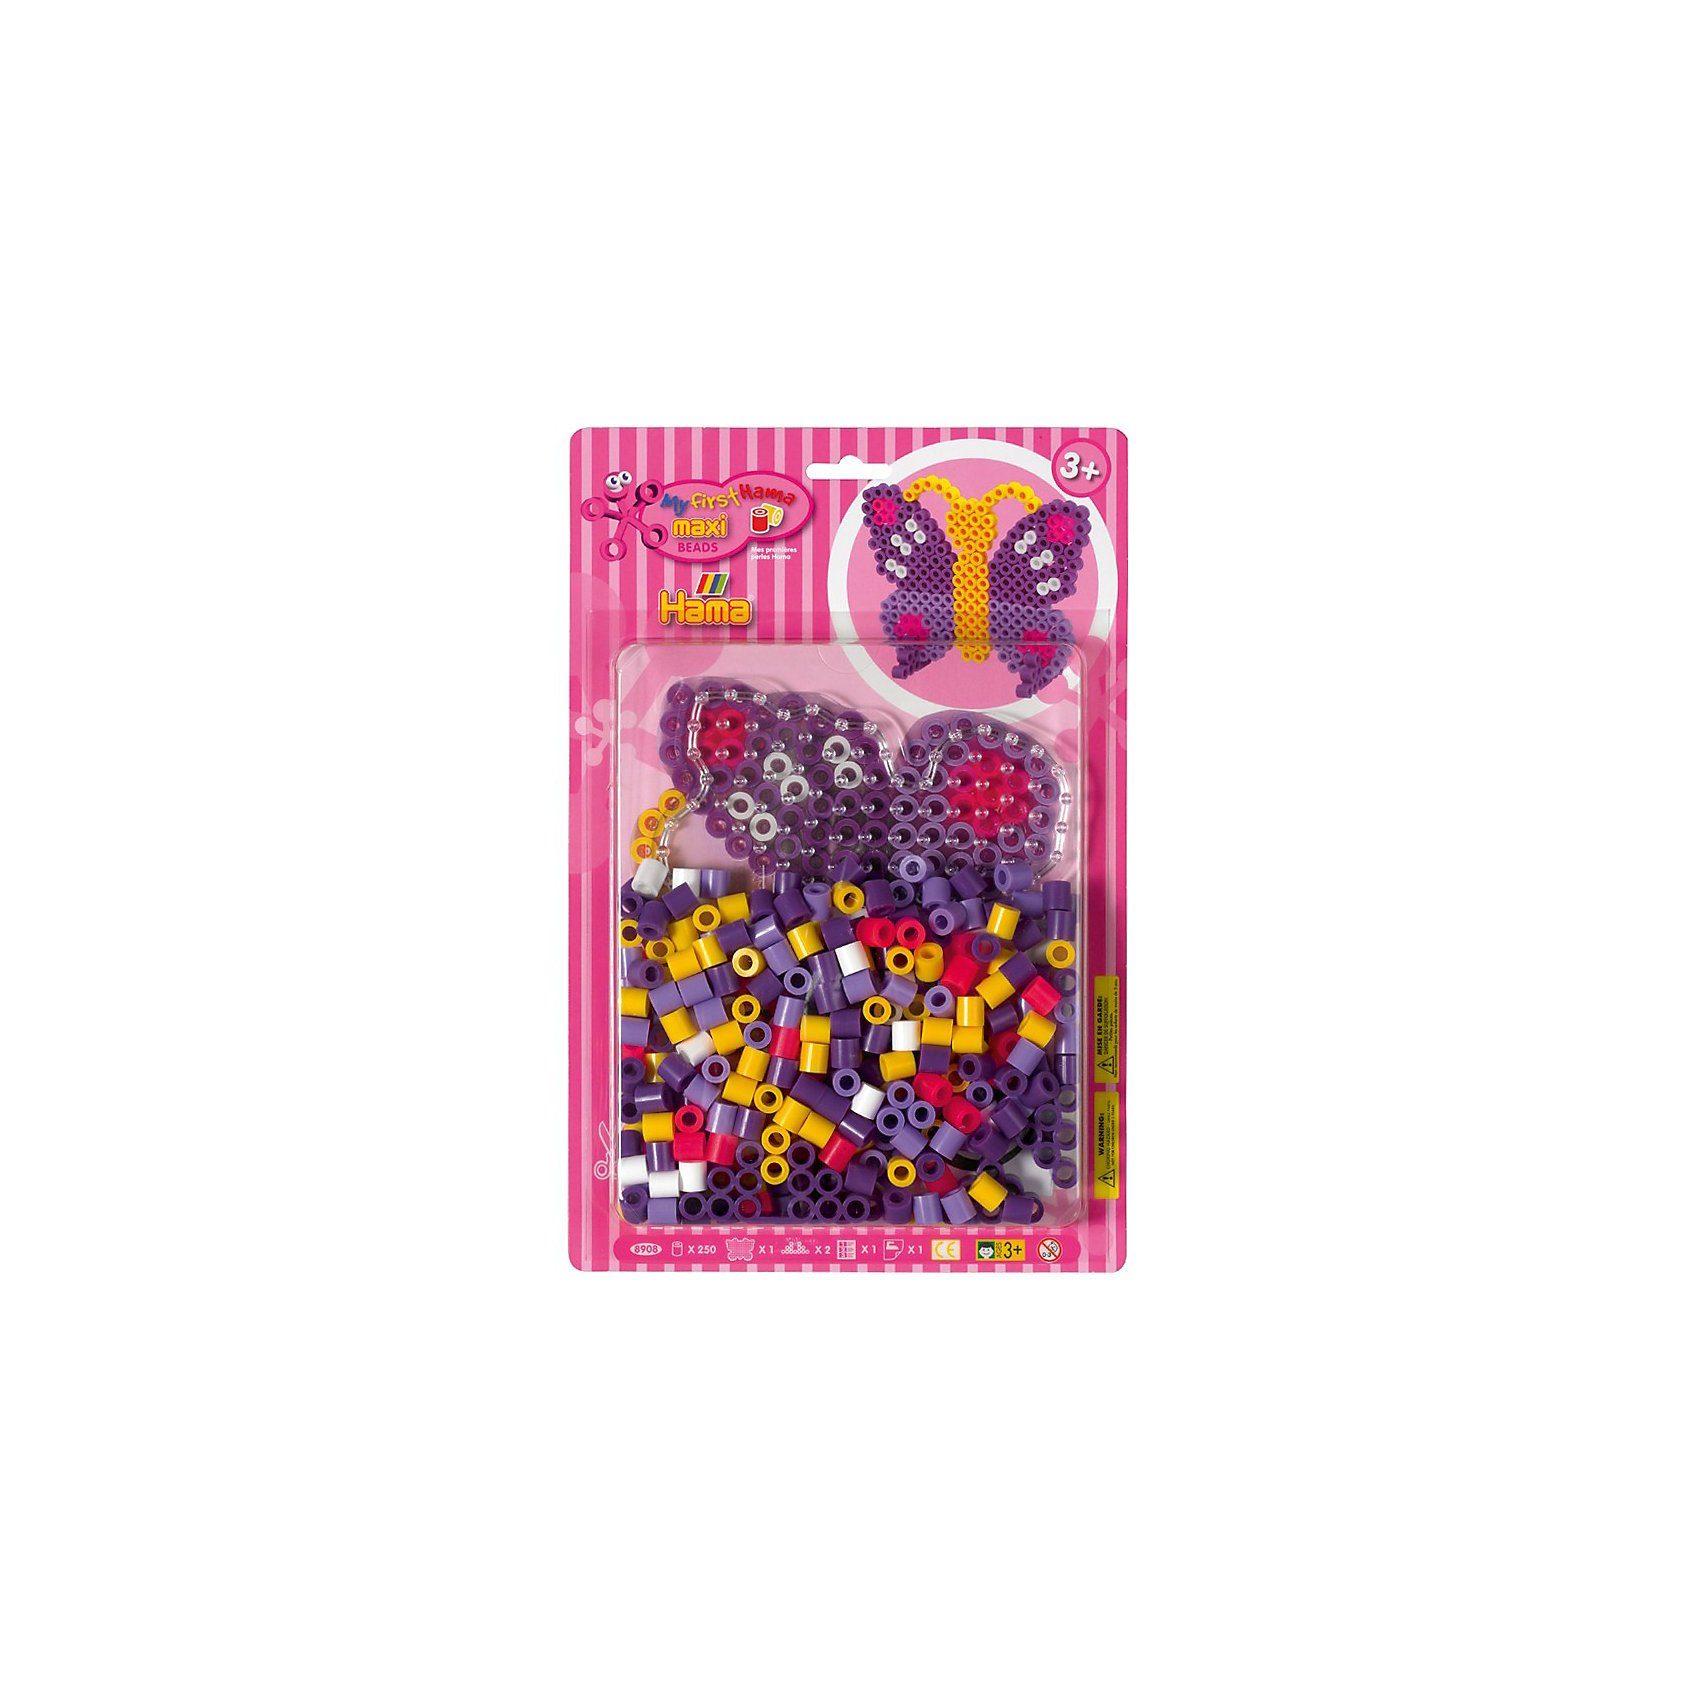 Basteln & Kreativität Spielzeug Hama Maxi Bügelperlen Schablonen Steckplatten Stiftplatte Schmetterling